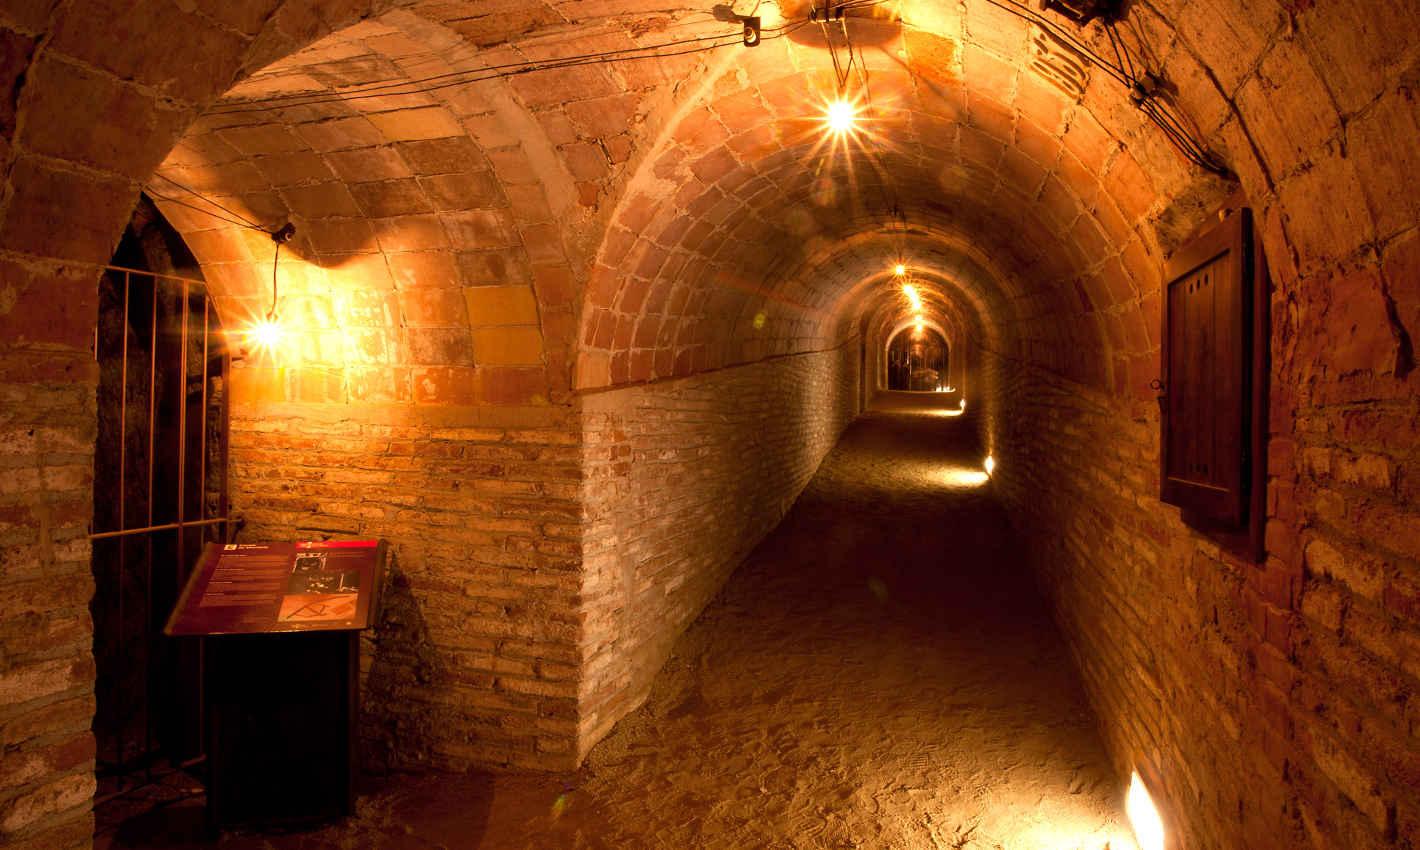 Túnels del Refugi Antiaeri del Parc Dalmau de Calella